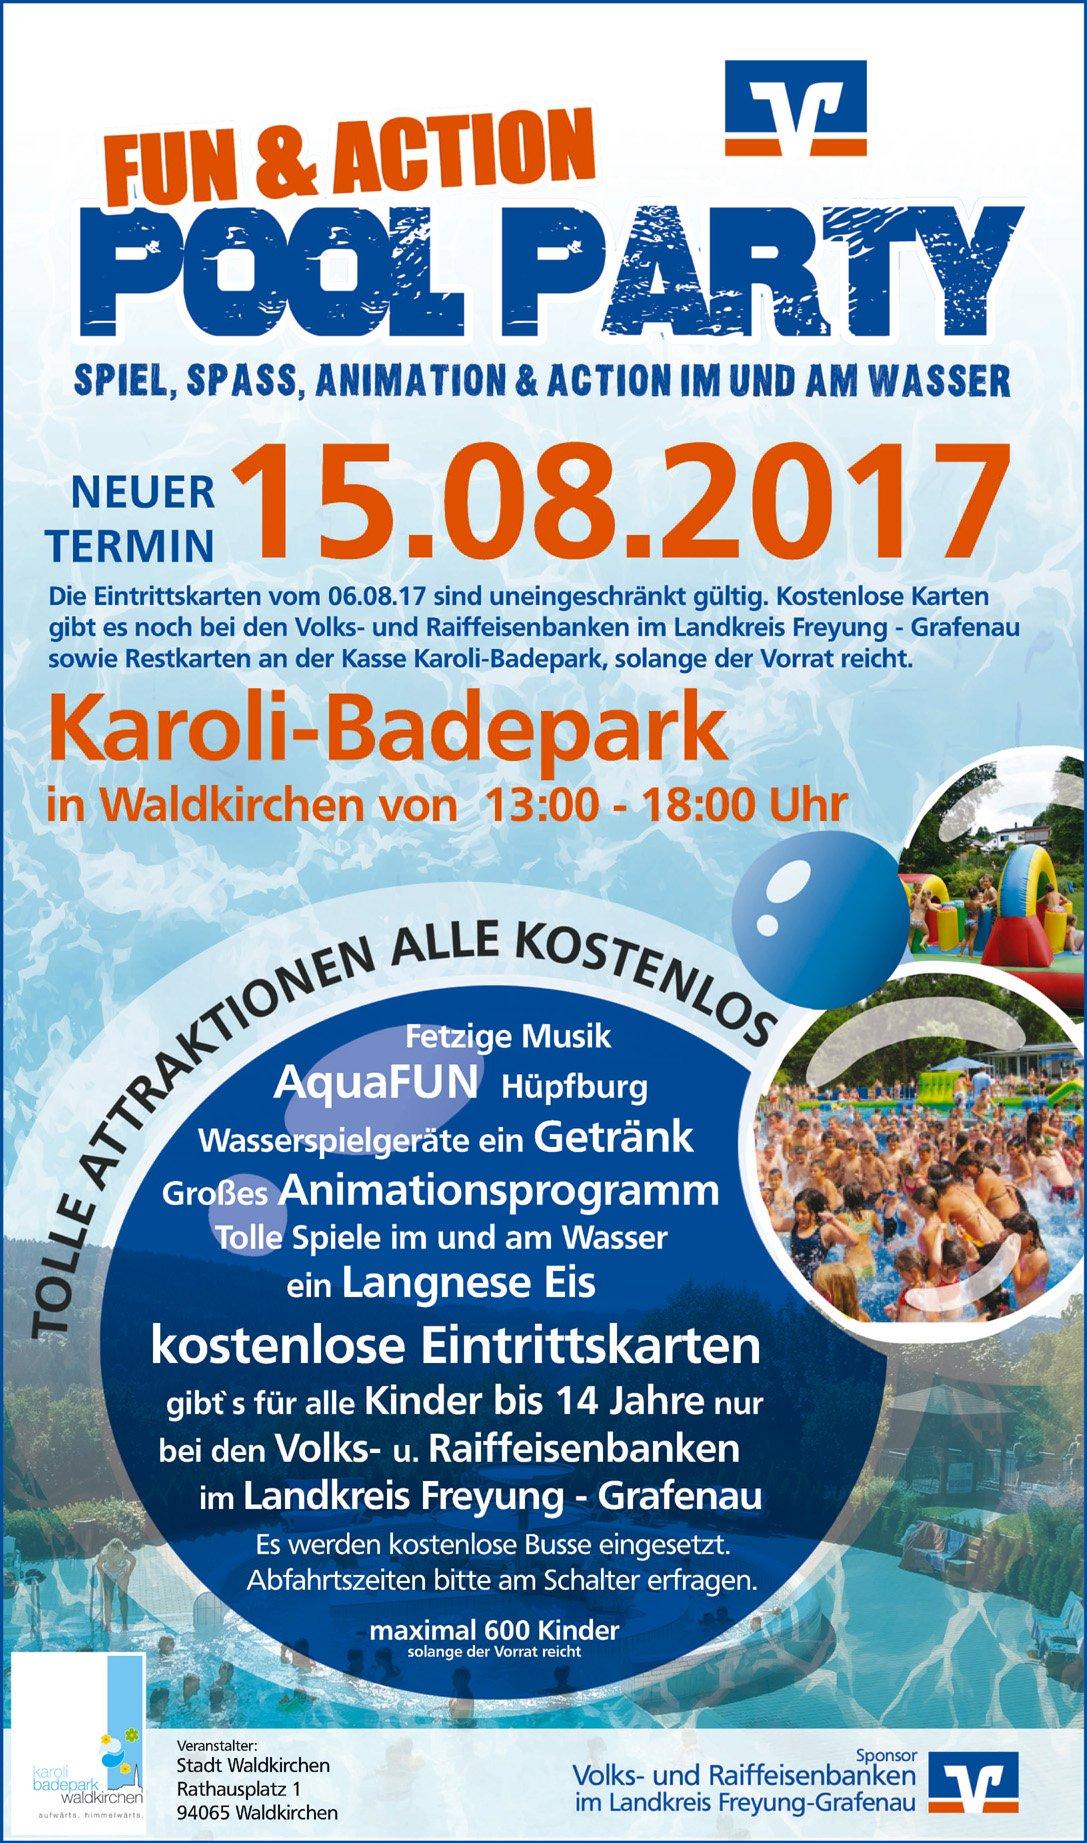 Bayerischer Wald Karte Kostenlos.Neuer Termin Für Poolparty 15 08 2017 Waldkirchen Im Bayerischen